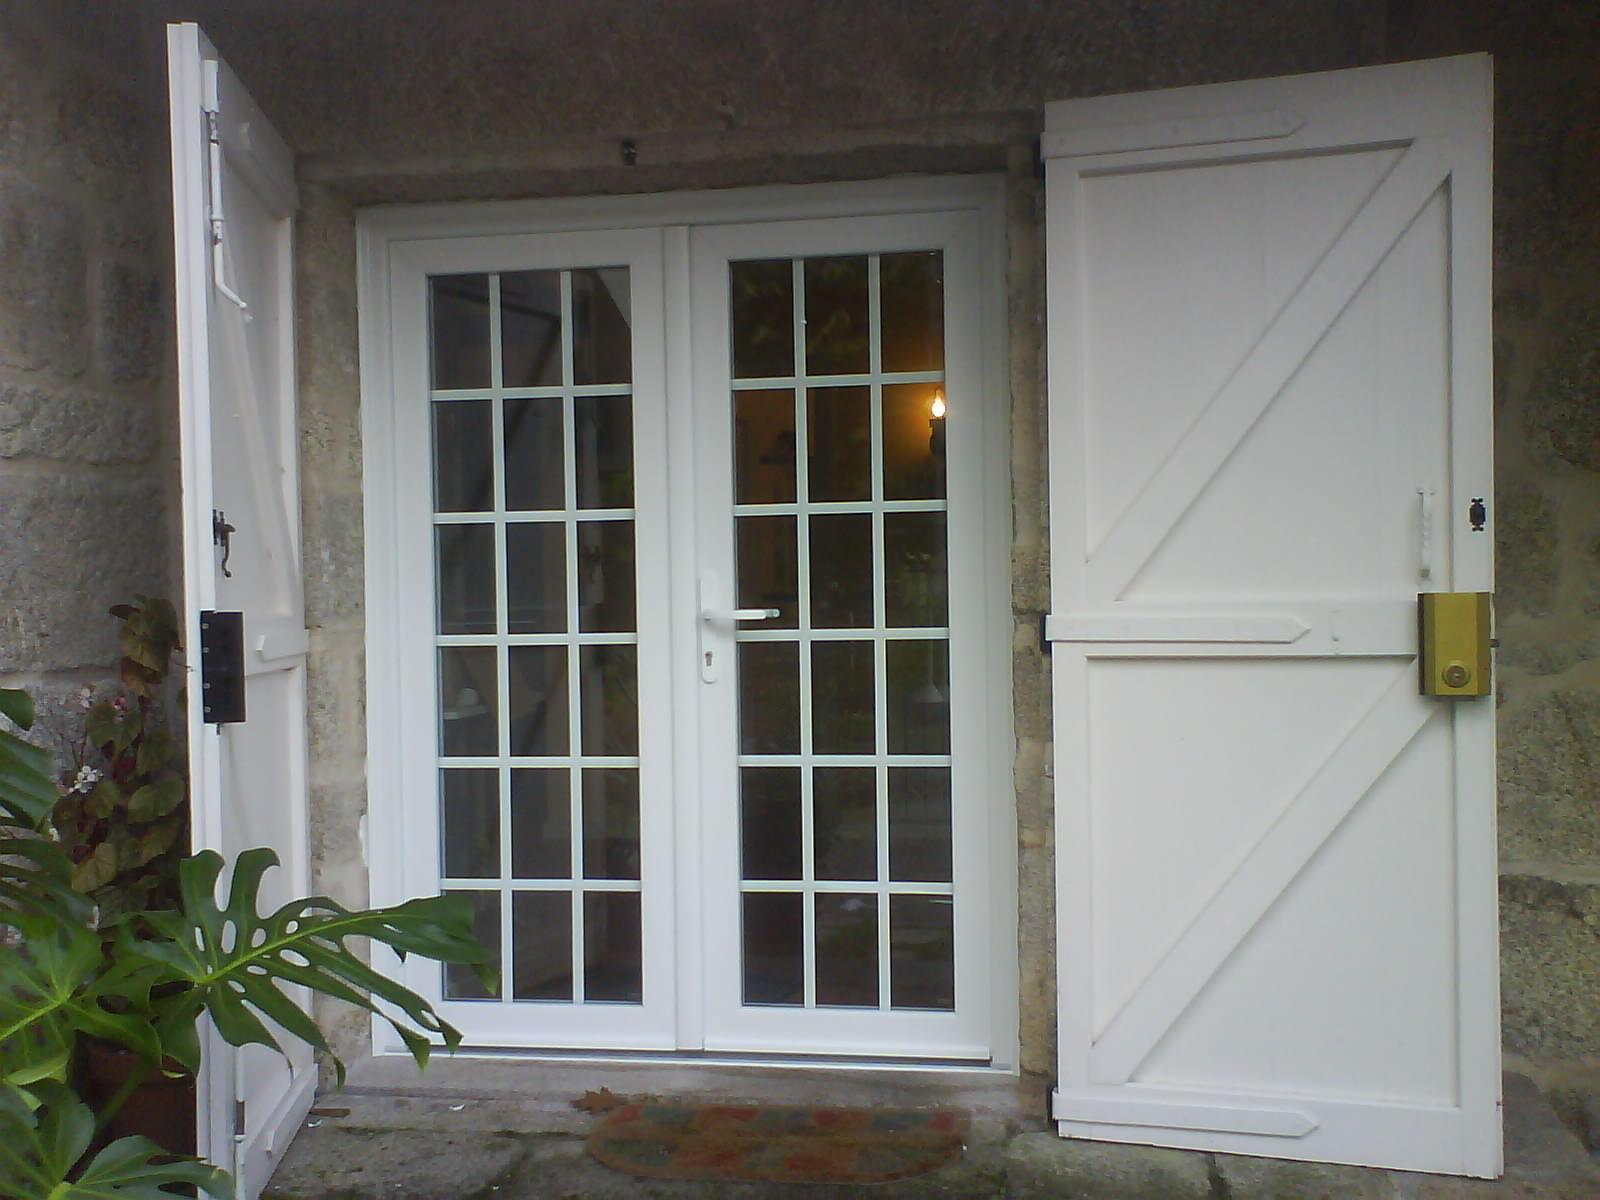 Puertas ventanas jmgarcia - Puertas de aluminio de exterior ...